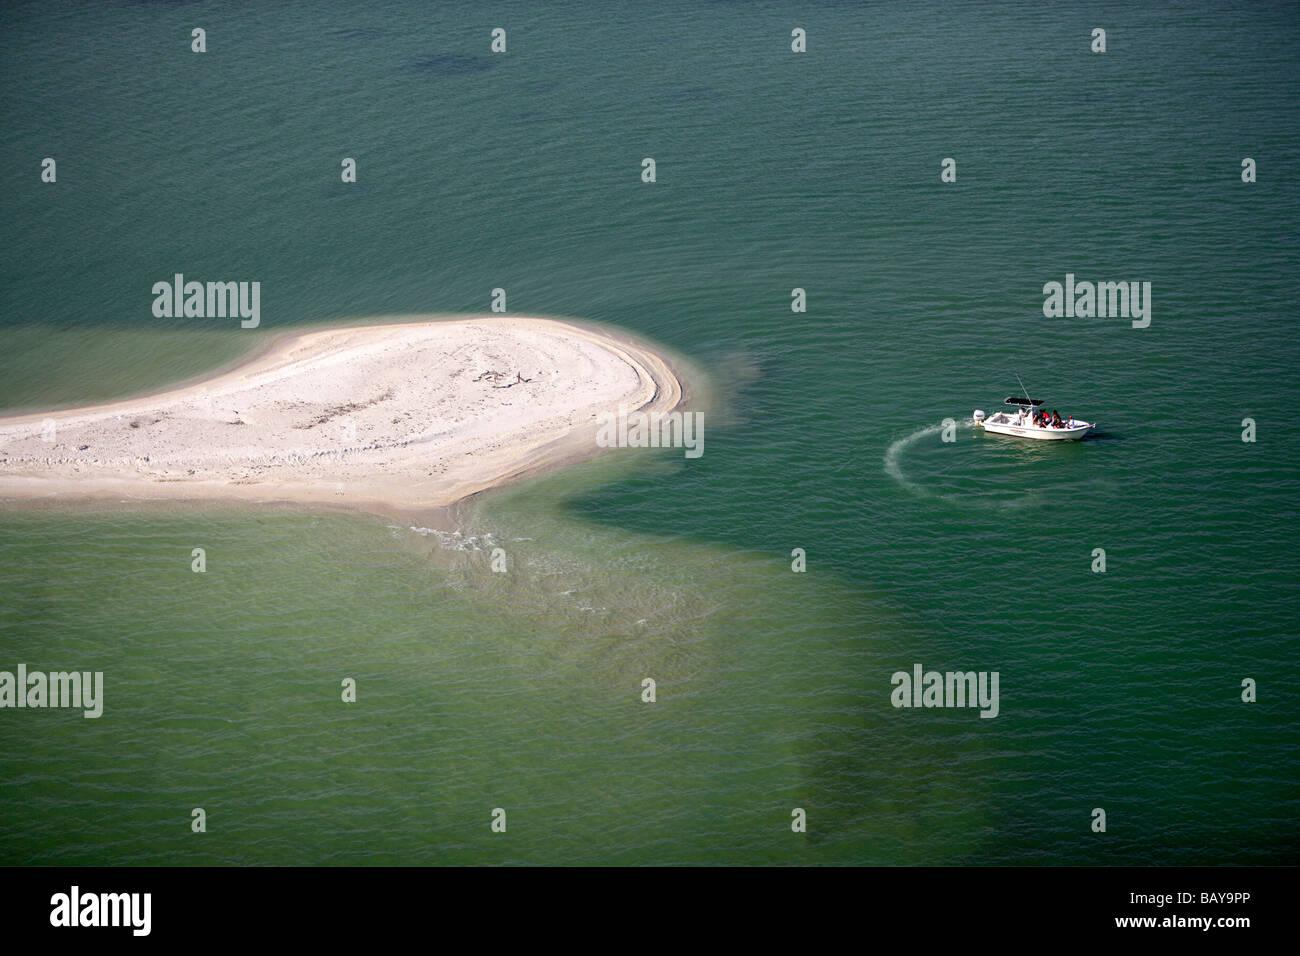 Sandbar at Marco Island, Ten Thousand Islands, Florida, USA - Stock Image